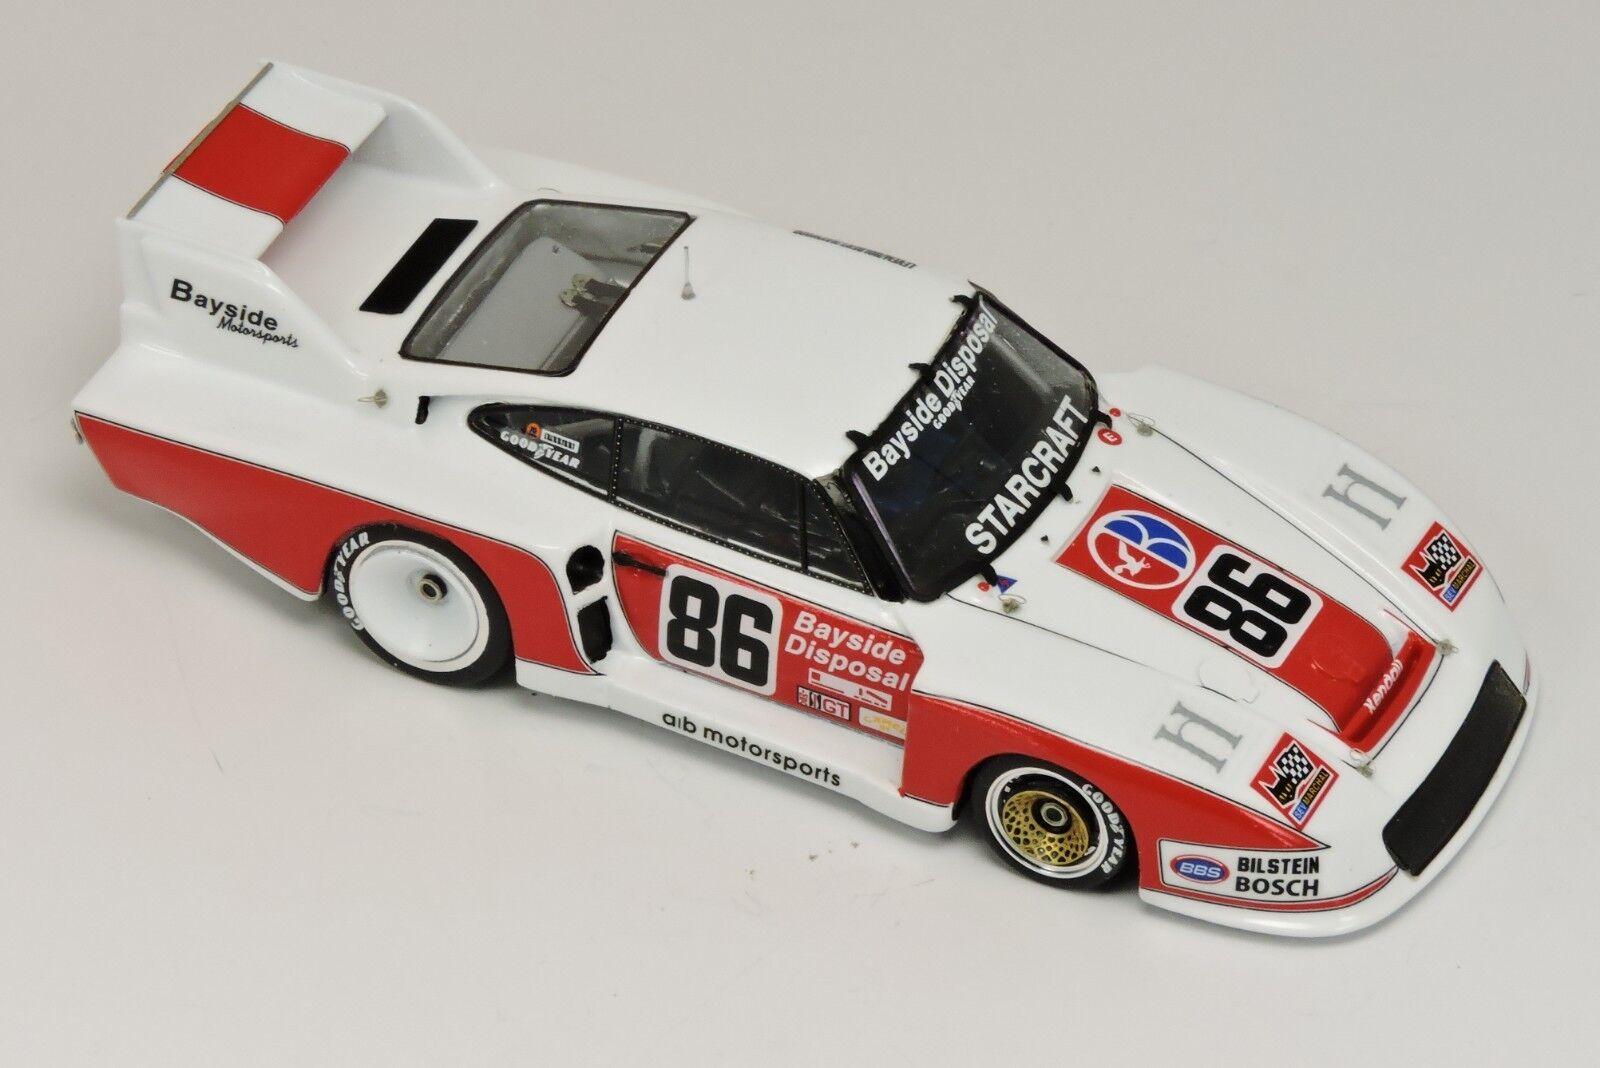 Kit Porsche 935 80  86 Haywood-Holbert-Leven Sebring 1982 Arena Models kit 1 43